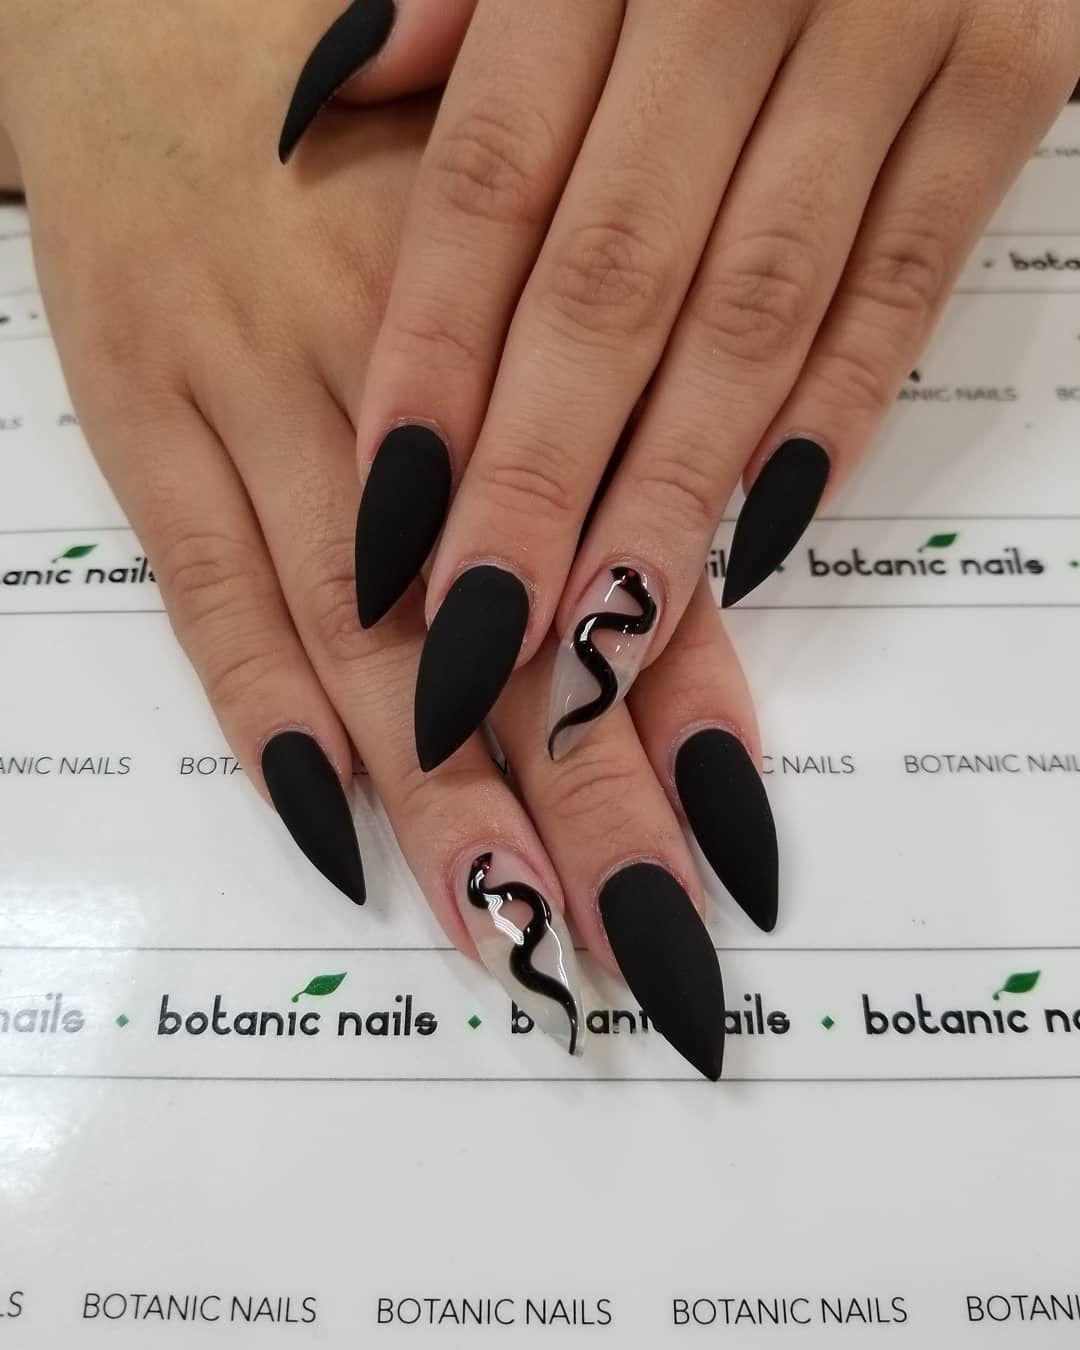 45 Gorgeous Matte Stiletto Nail Designs Matte Stiletto Nails Goth Nails Stiletto Nails Designs